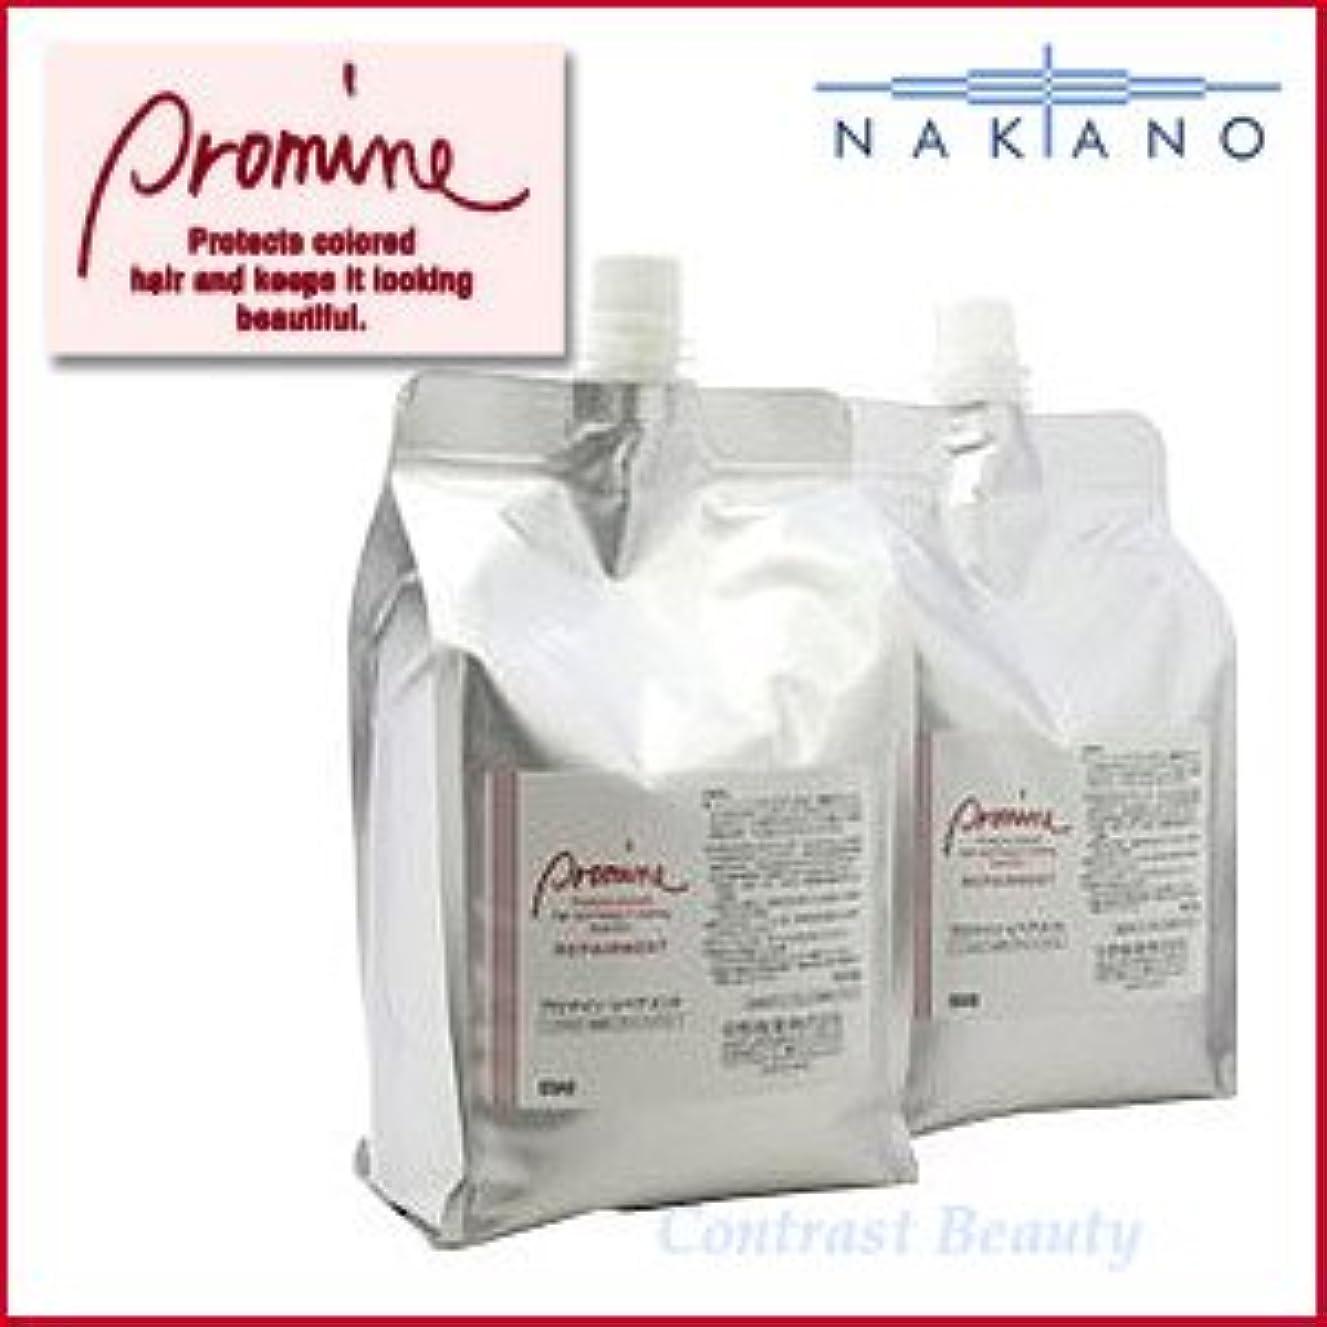 ミュウミュウ拮抗する拡散するナカノ プロマイン リペアメント 3000g(1500g×2)レフィル